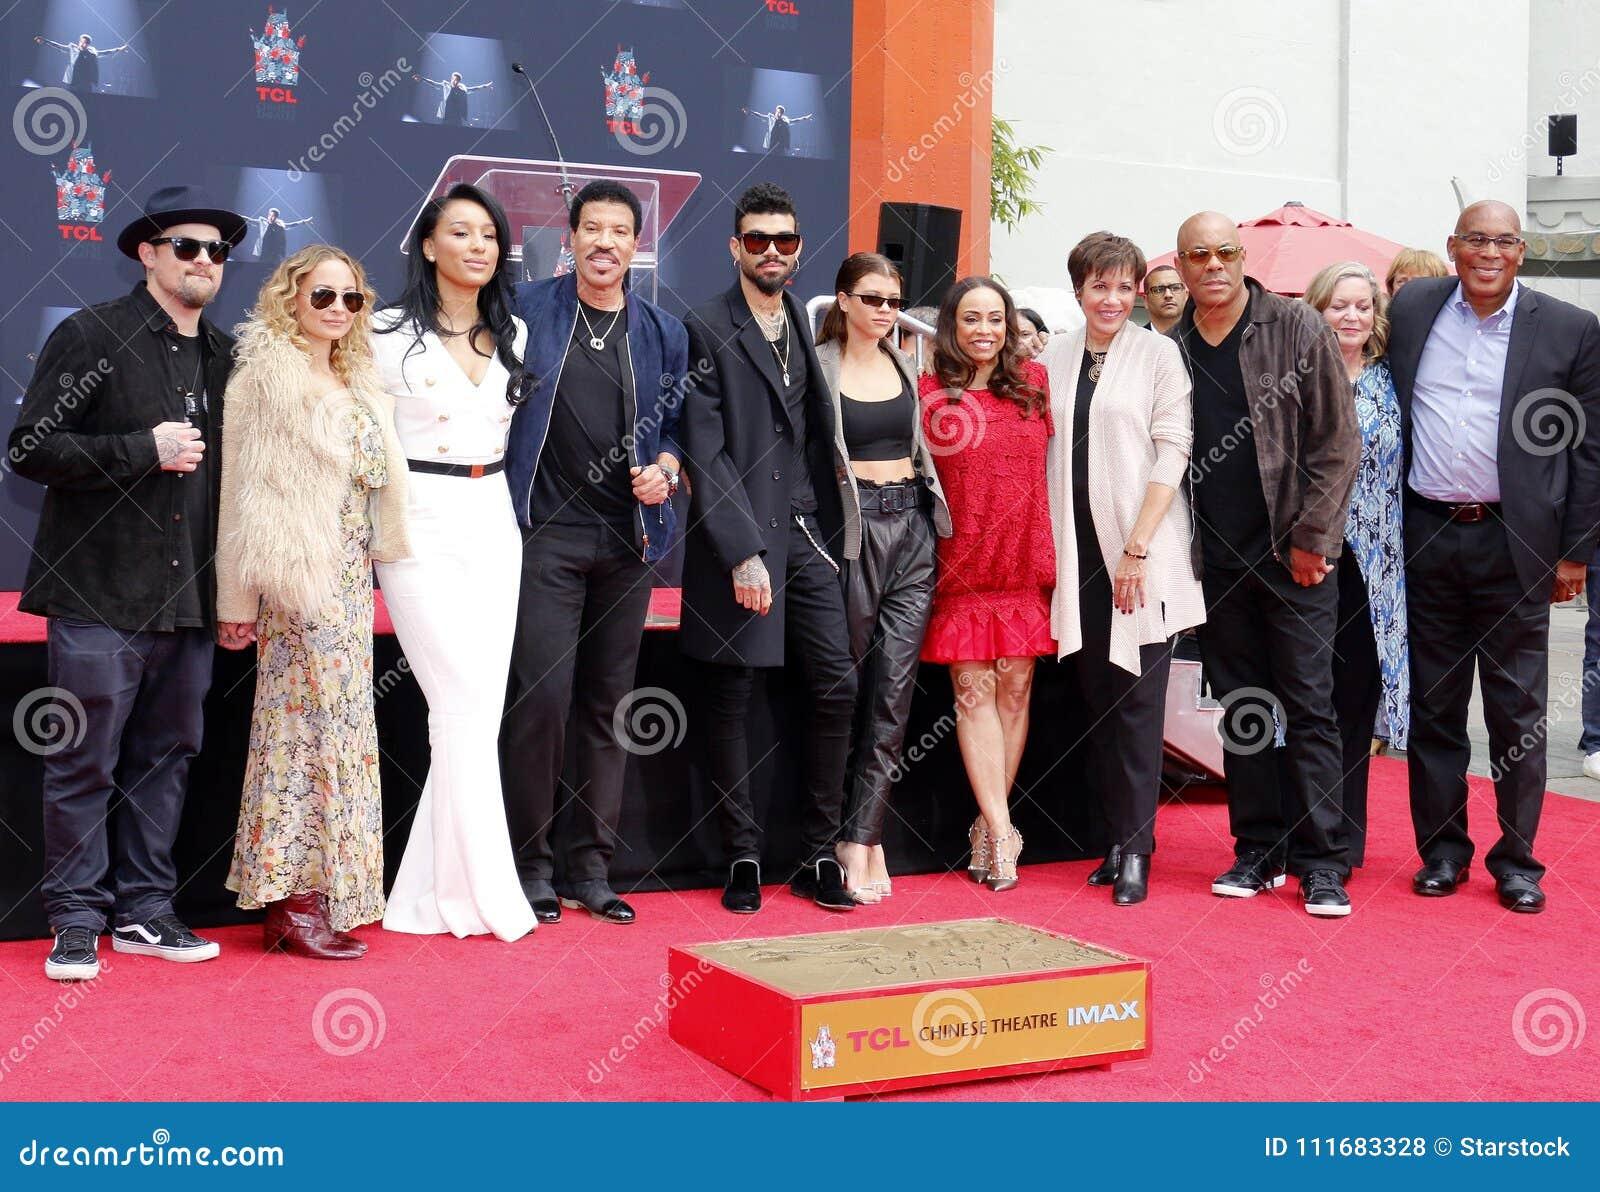 Sofia Richie, Miles Richie, Nicole Richie, Lionel Richie, Lisa Parigi y Benji Madden